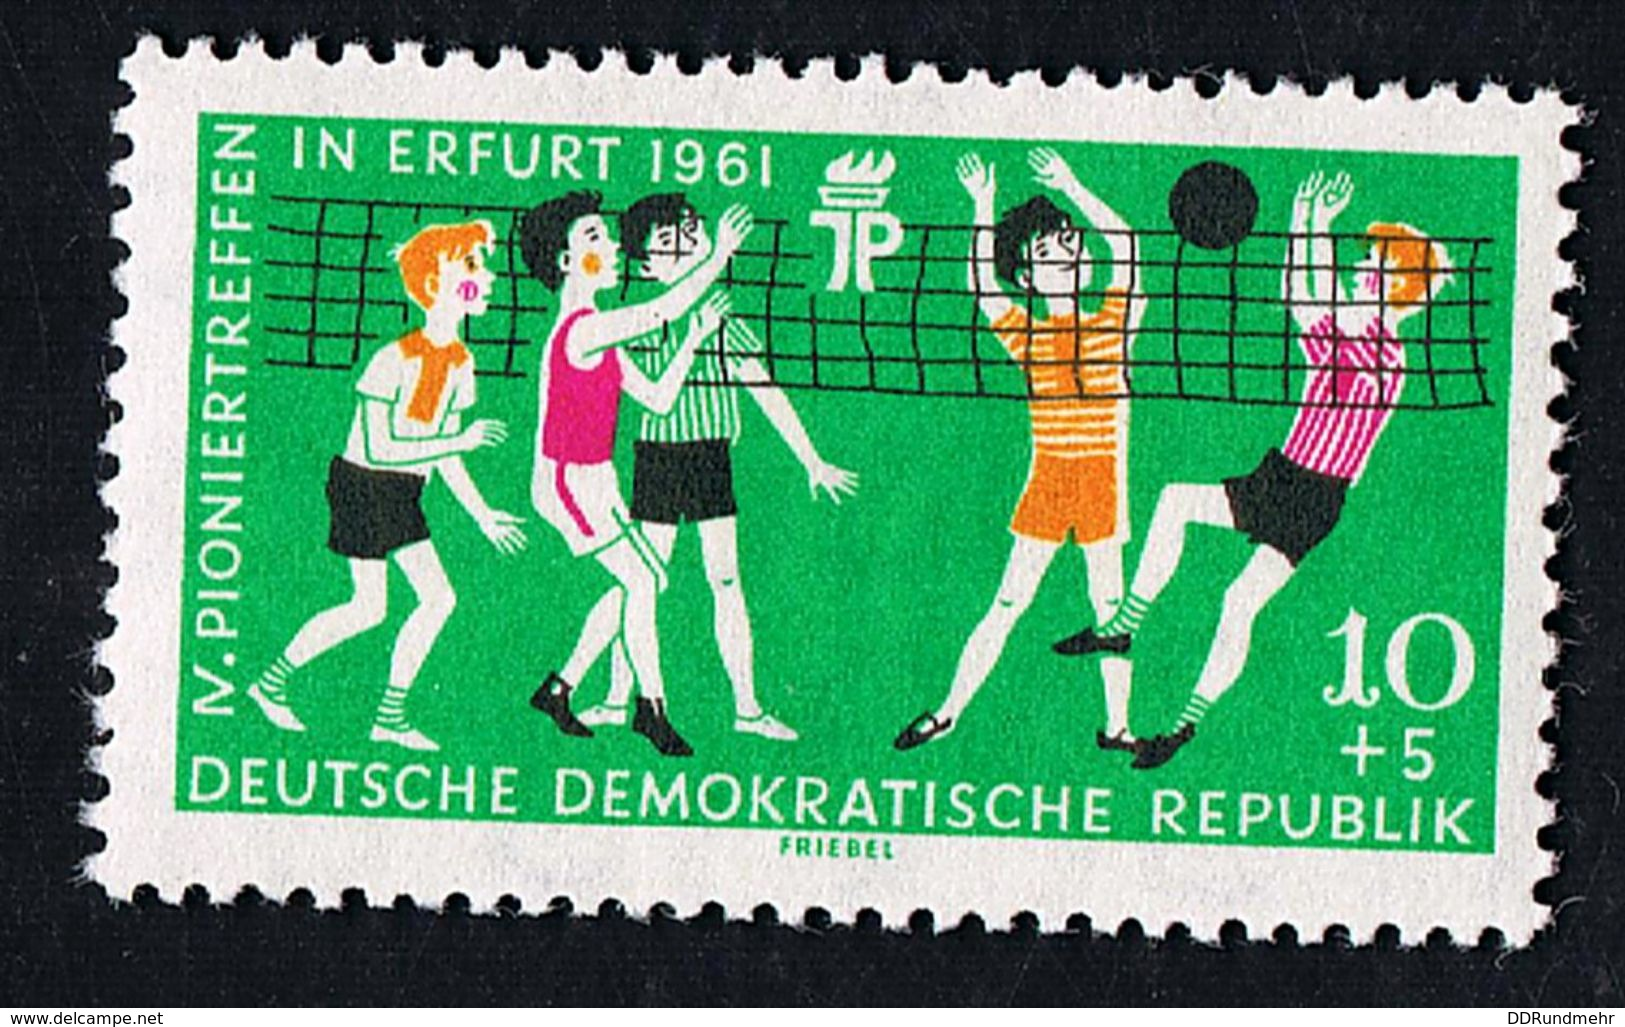 25.Mai 1961 Pioniertreffen Erfurt, Michelkatalognummer 827, Seltene Wasserzeichen-Abart 3 X  In Postfrisch Xx - Abarten